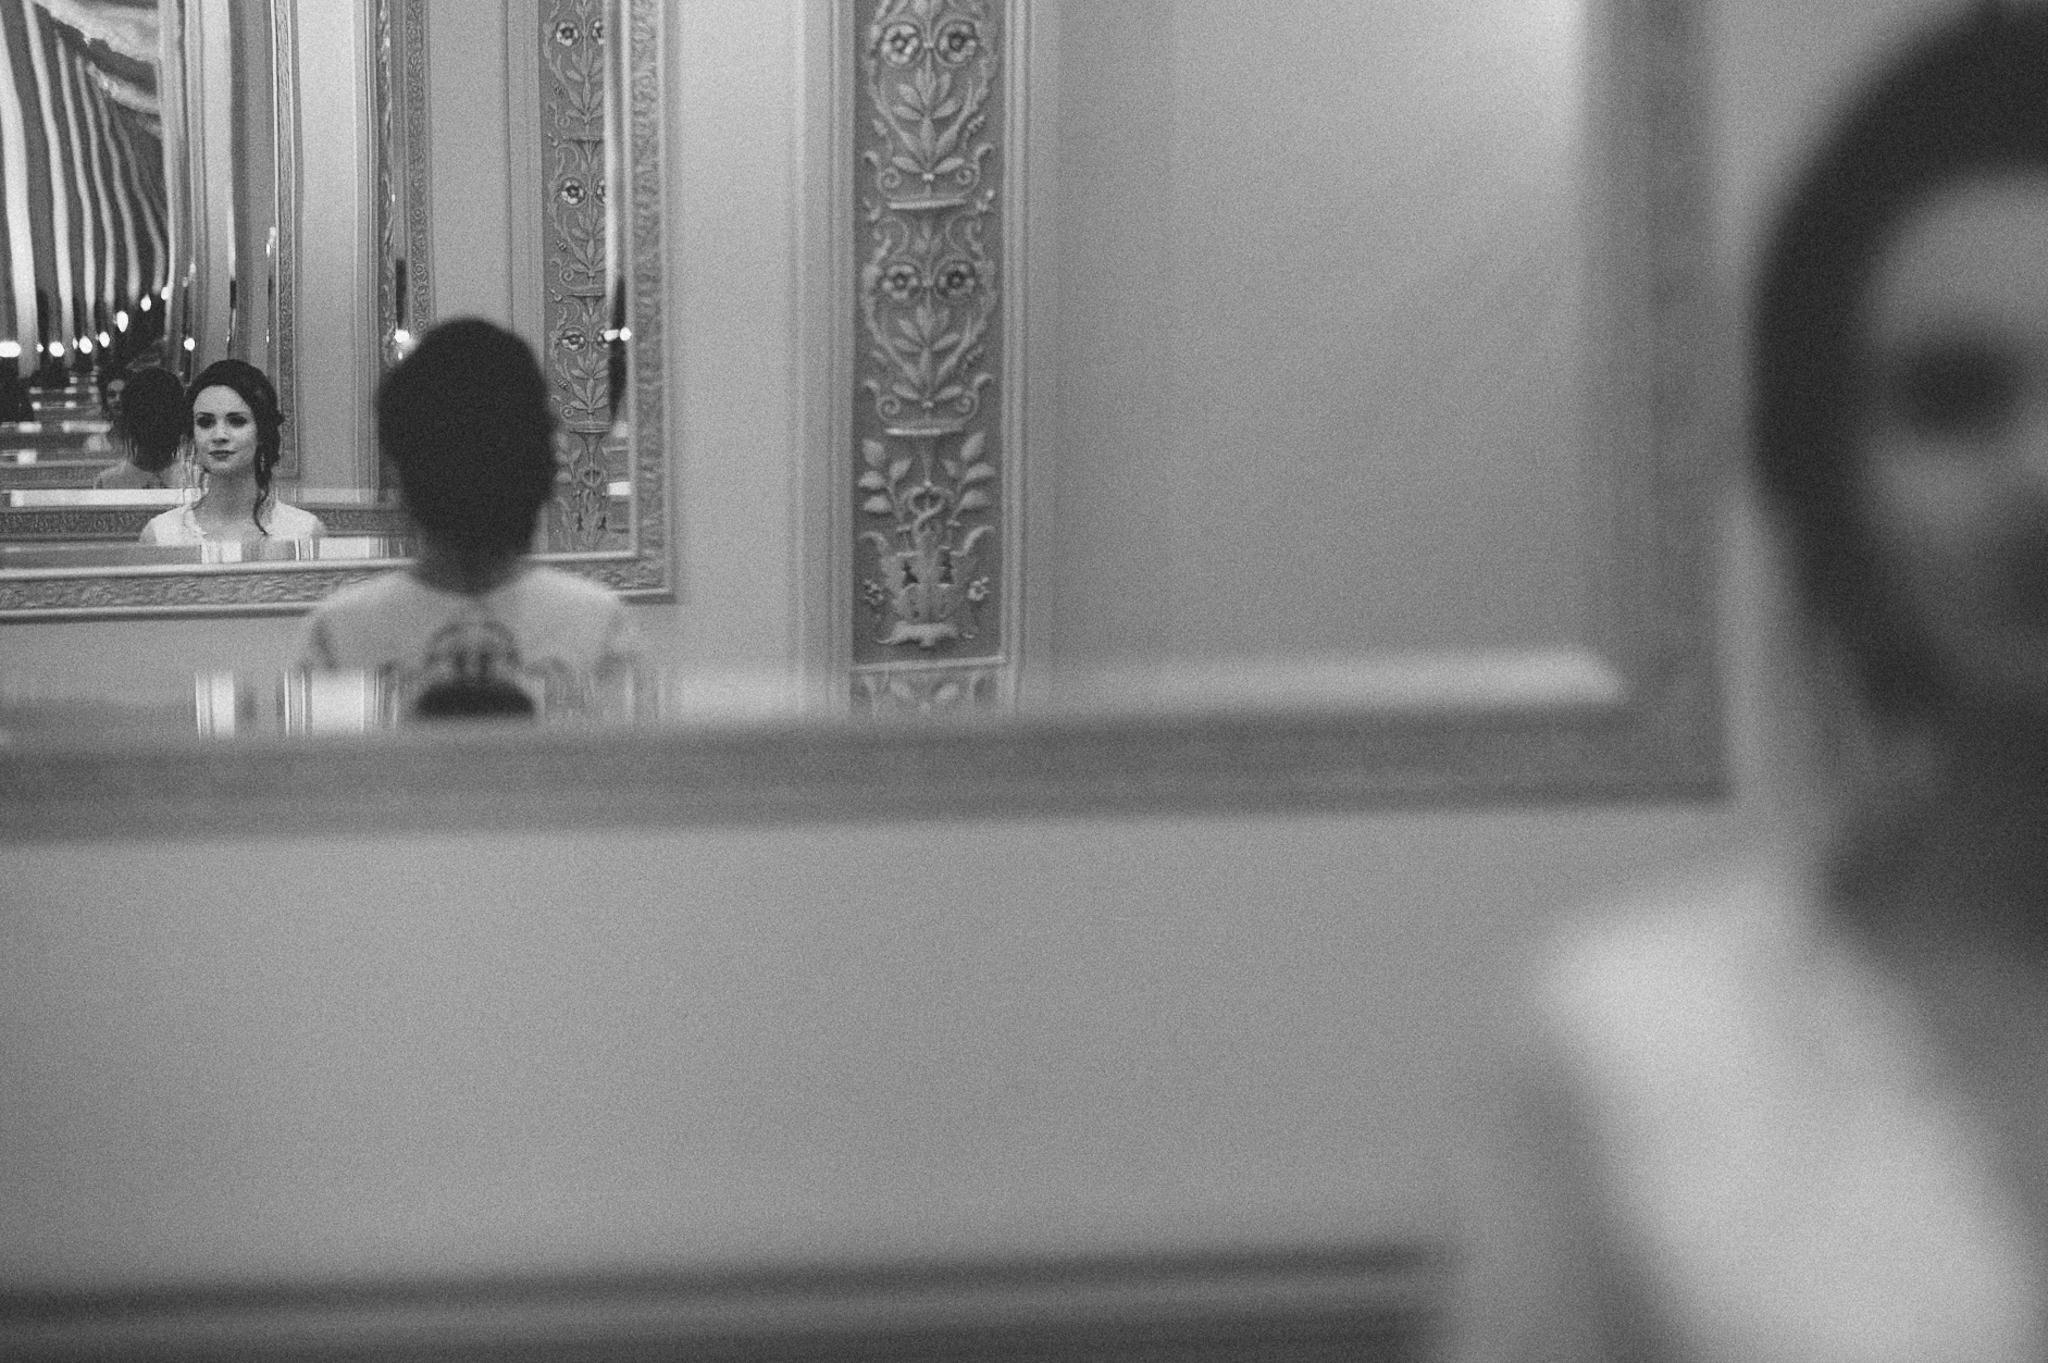 romantyczna sesja narzeczeńska, piękne zdjęcia, kreatywna fotografia, fotograf slubny Poznań, fotografia slubna Poznań, zdjęcia slubne Poznań, najlepszy fotograf Poznań, najlepszy fotograf ślubny Poznań,